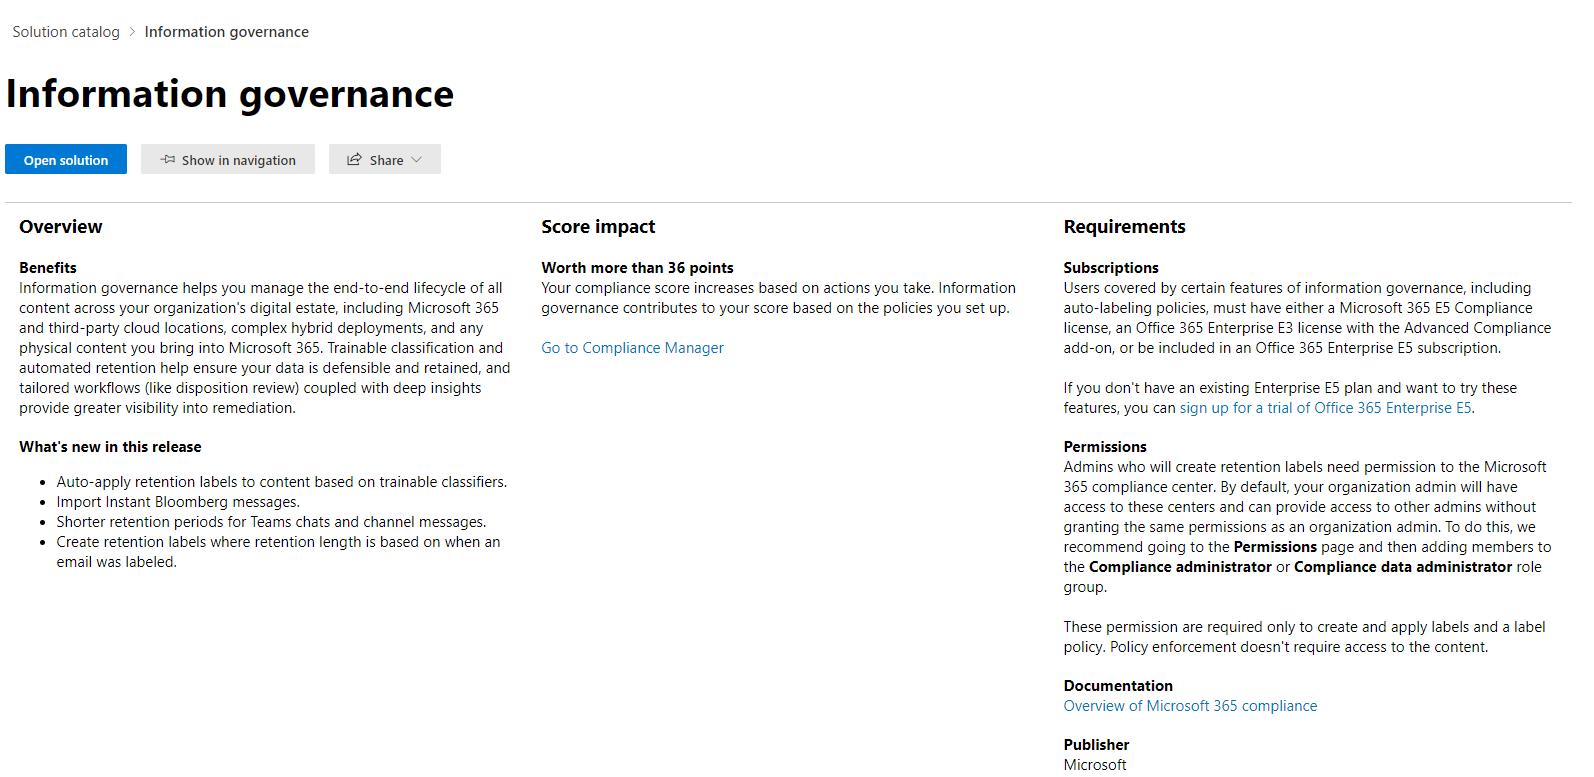 Microsoft 365 Information Governance Details